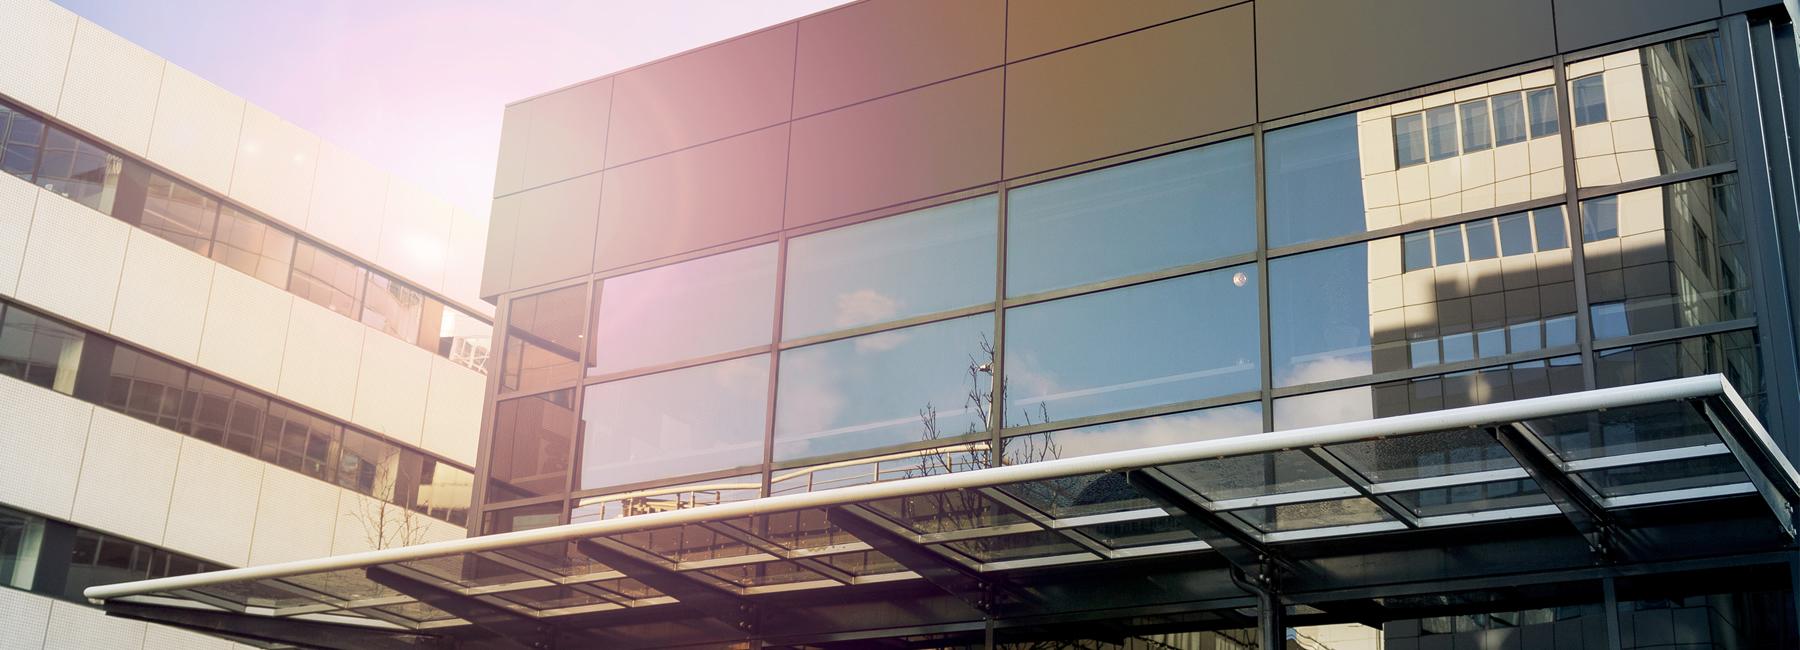 Abteilung Dach & Fassade